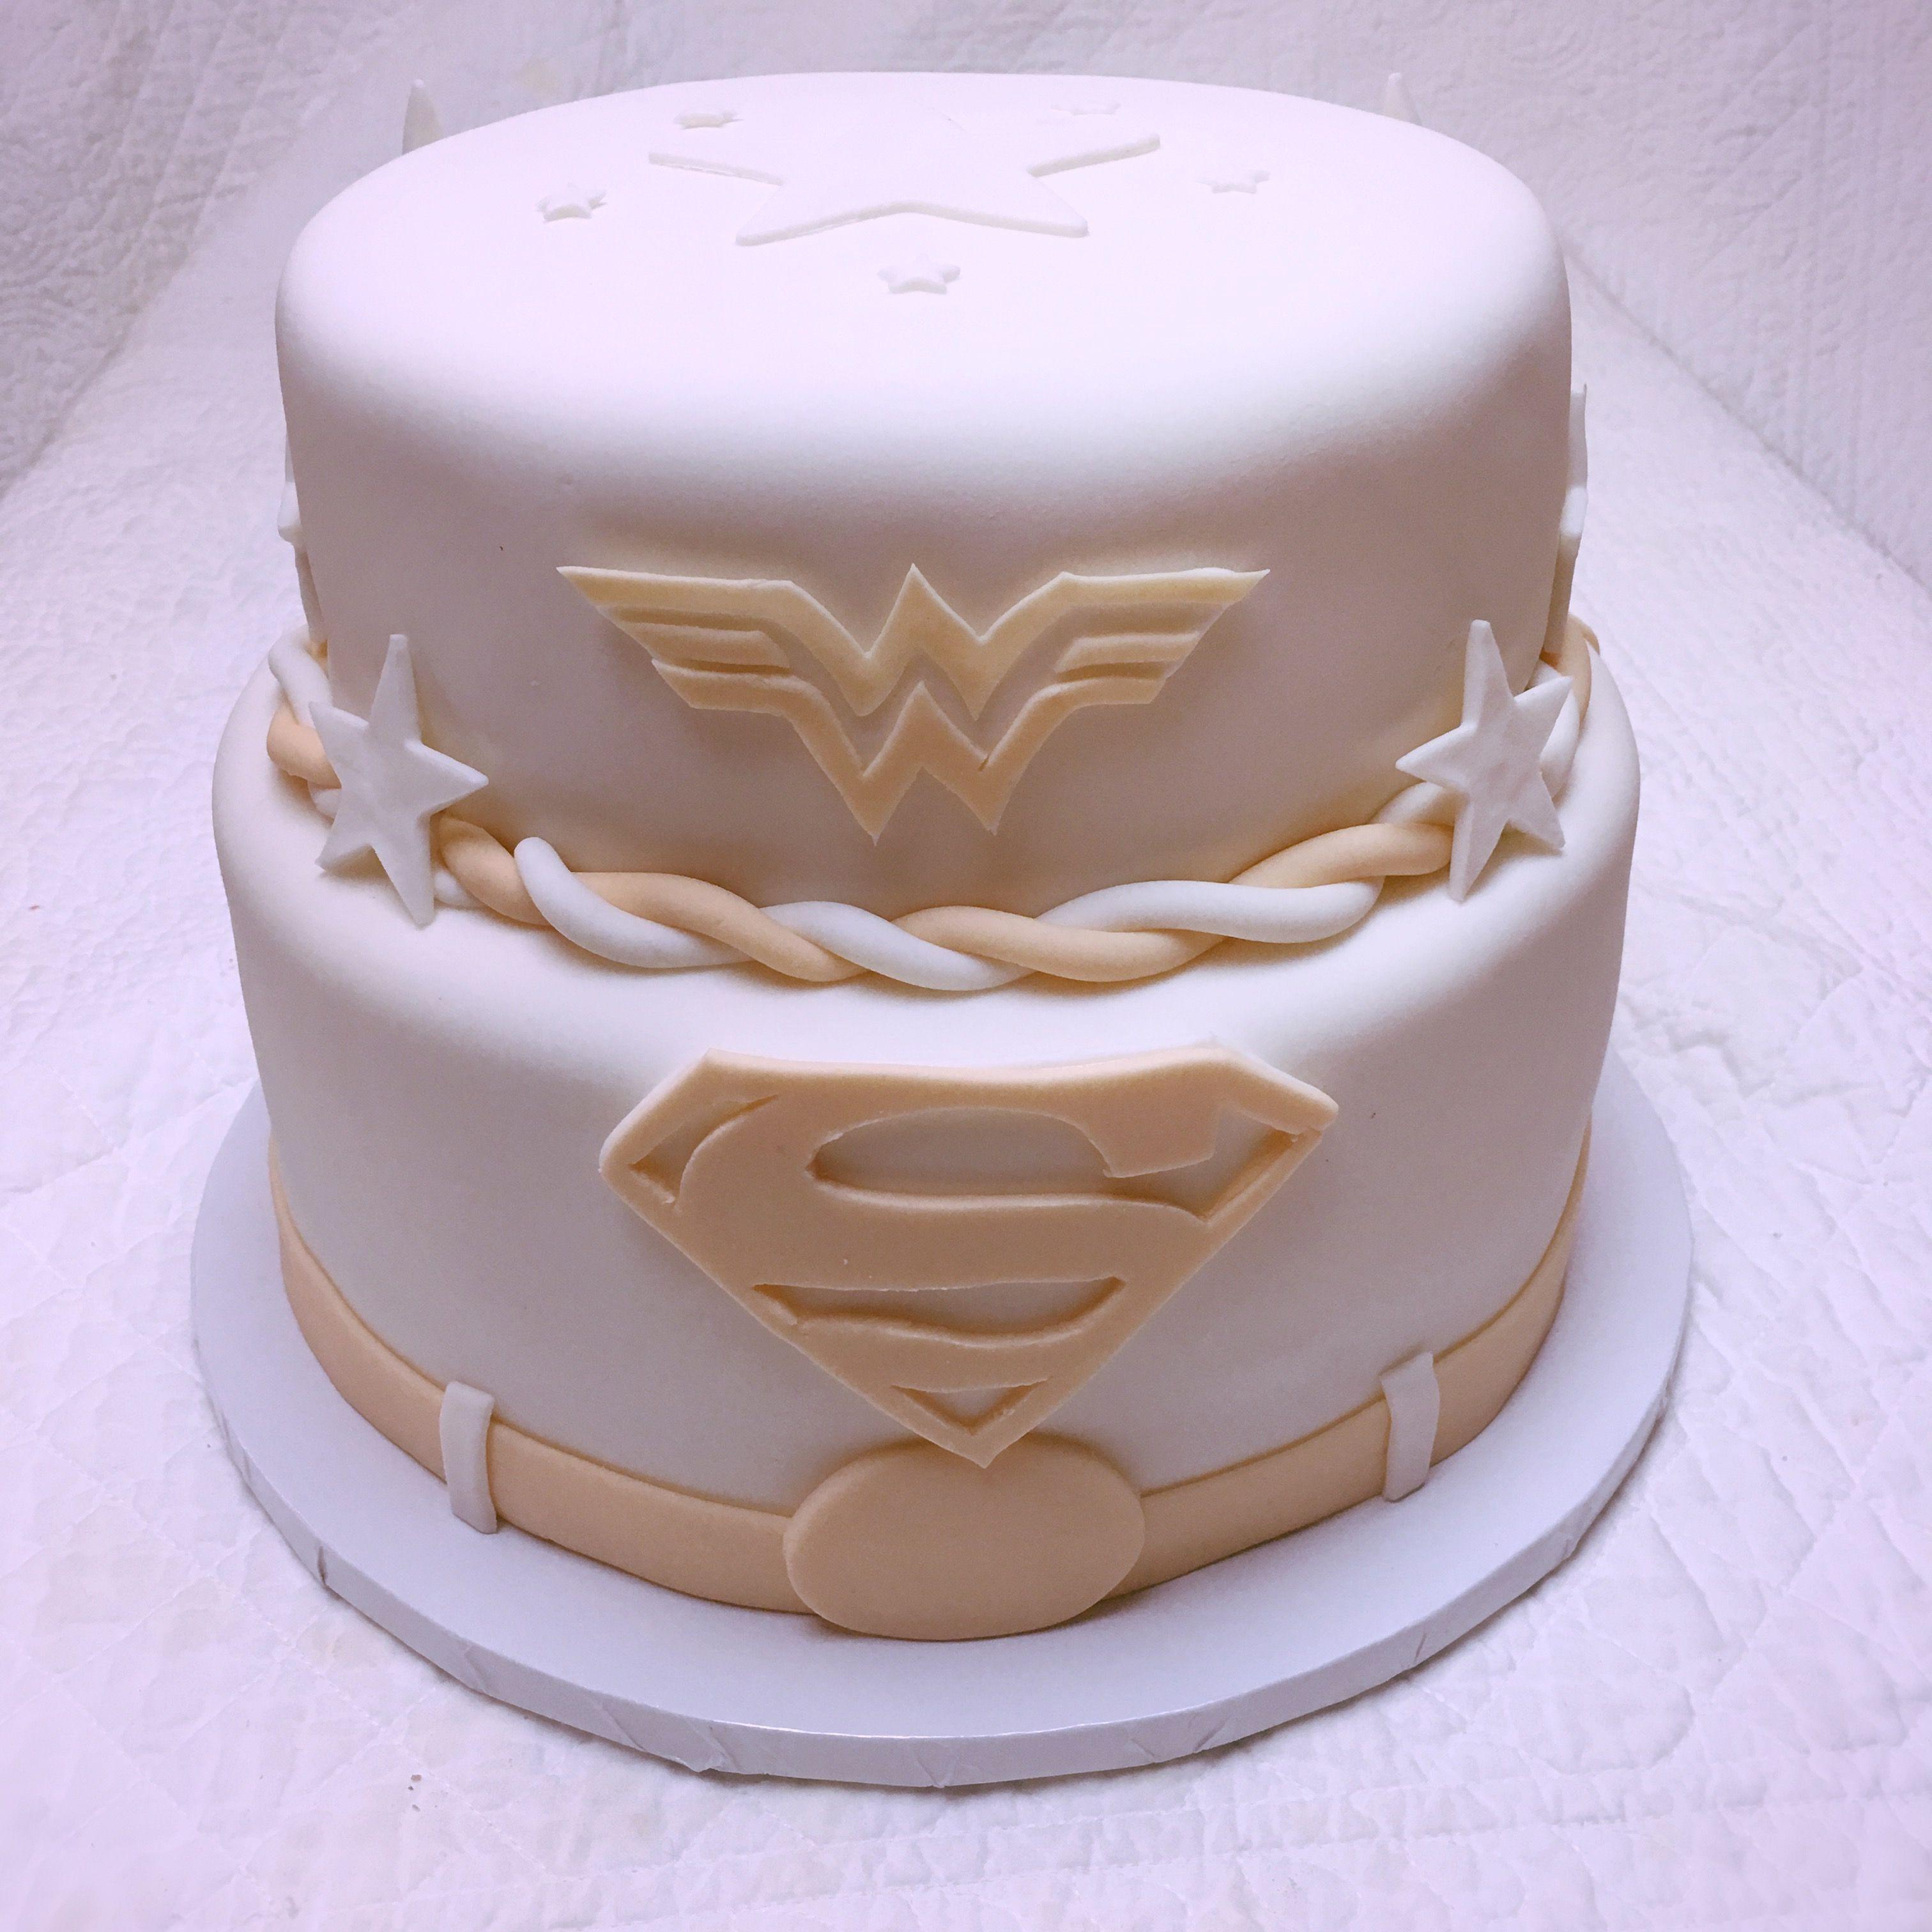 Superhero Vow Renewal Cake/wedding Cake.